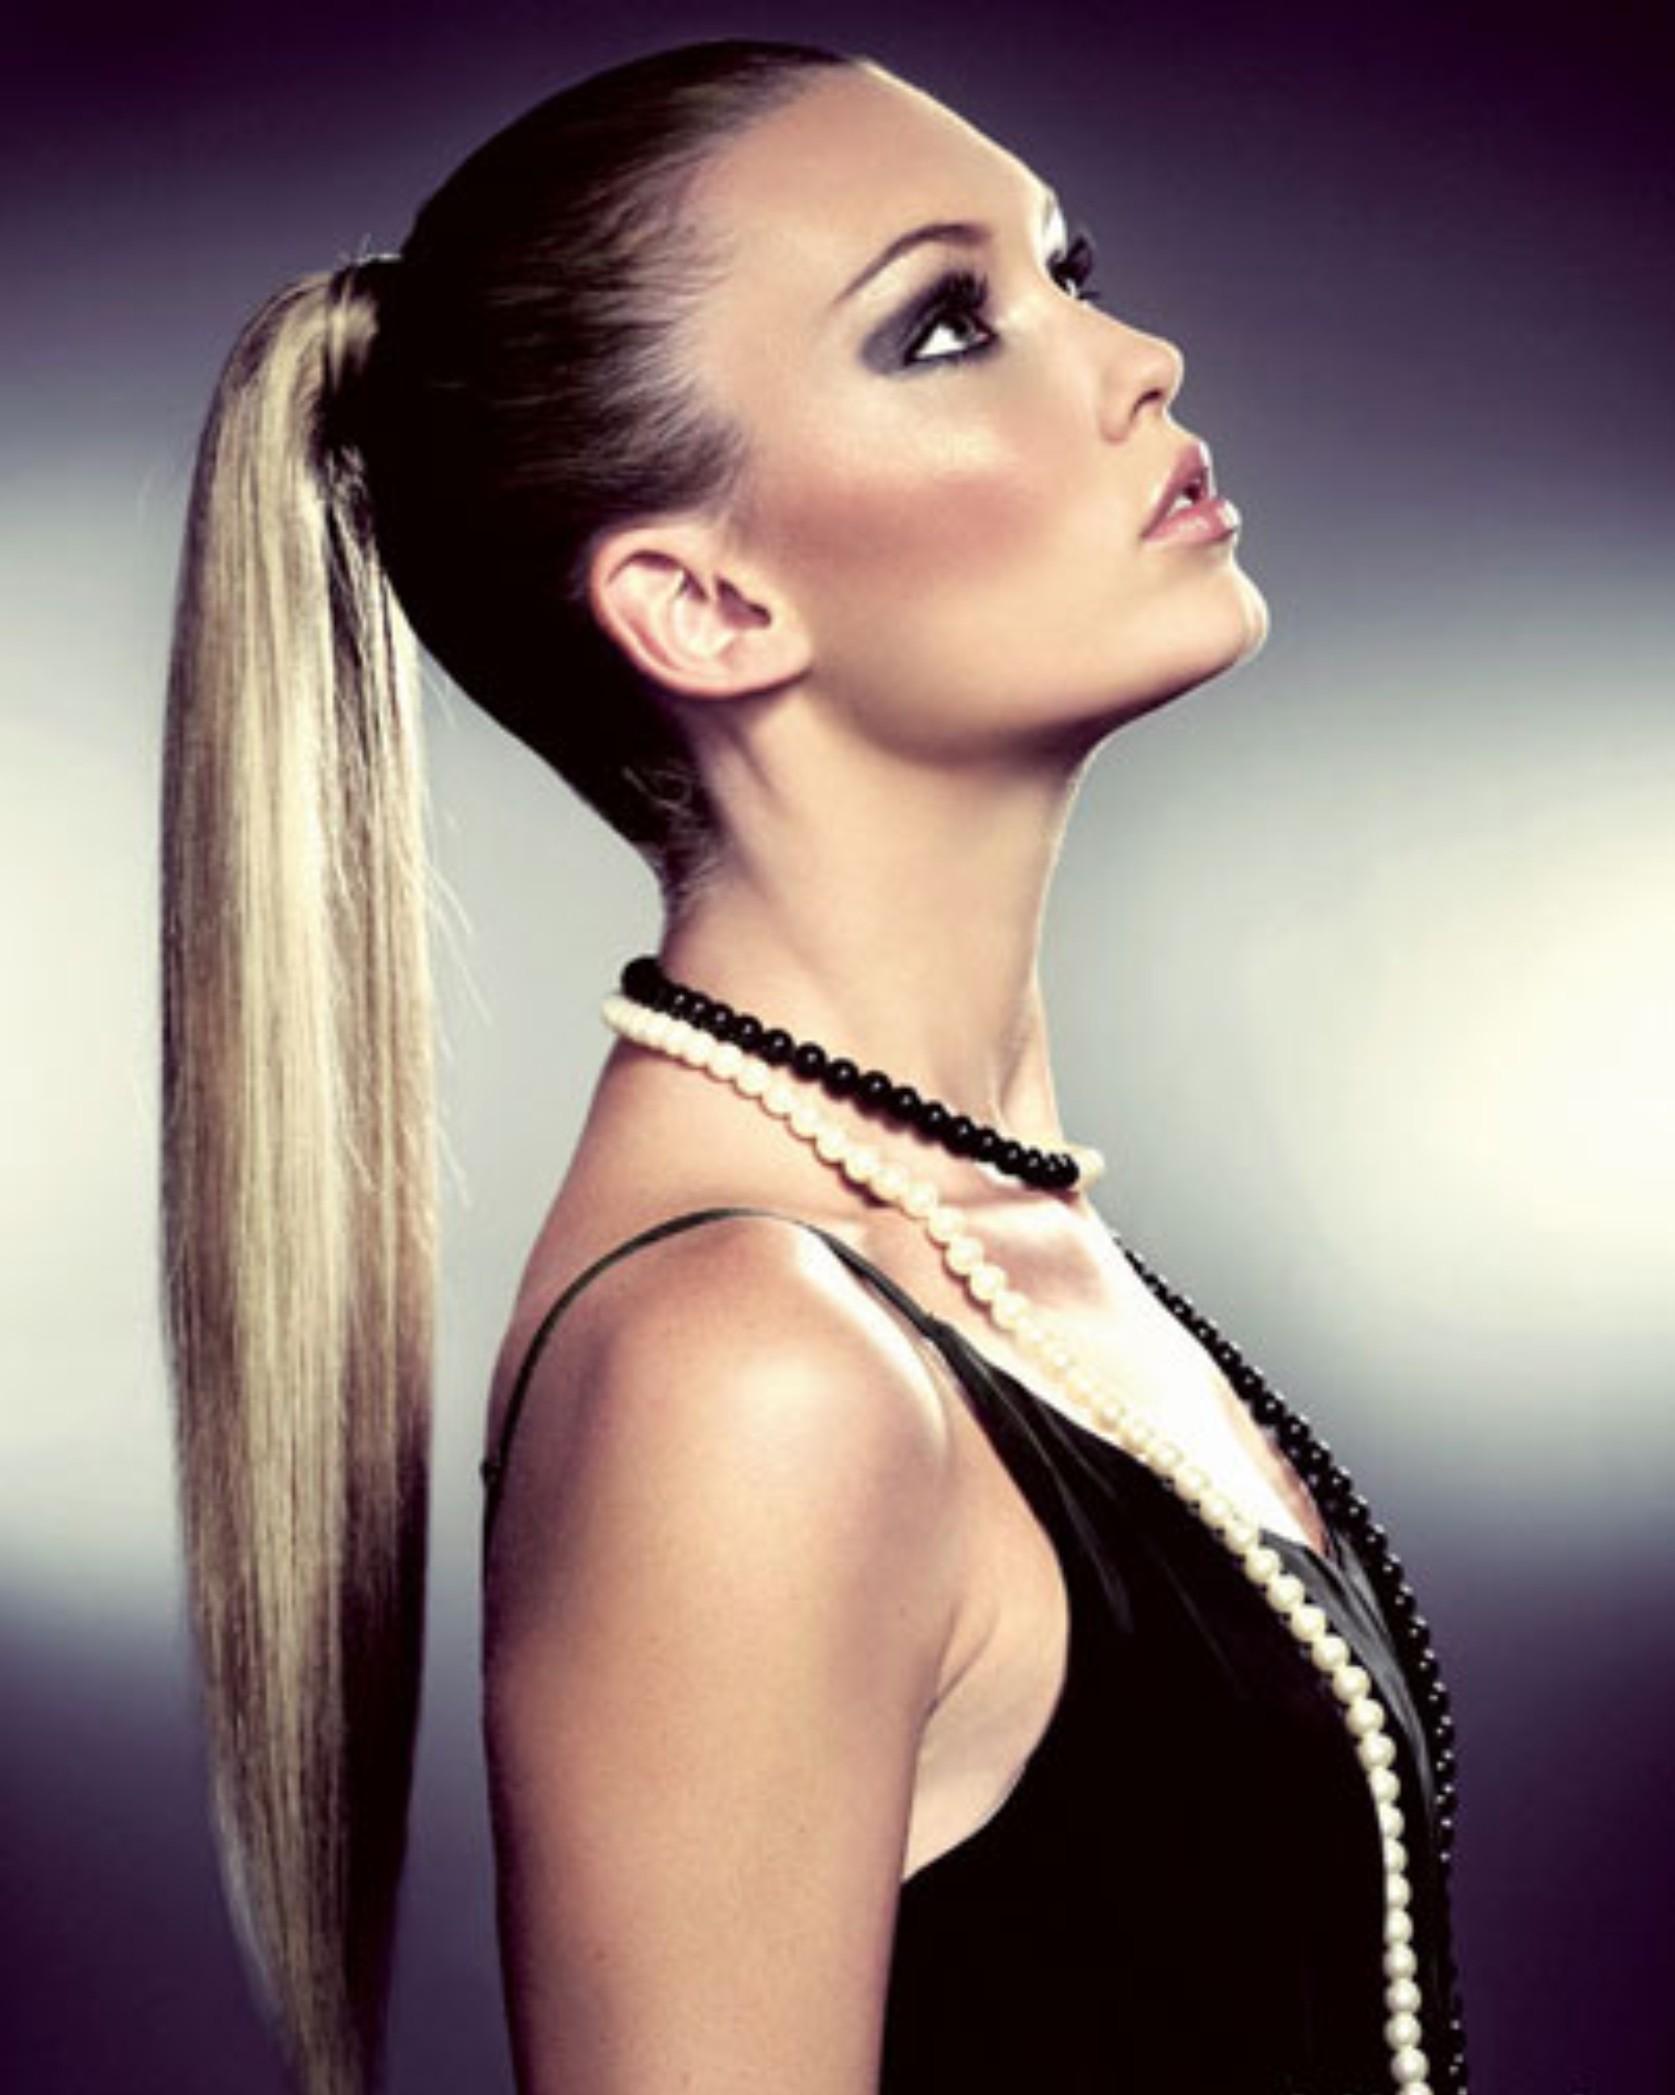 красивые прически на длинные волосы - прическа в виде элегантной ракушки.